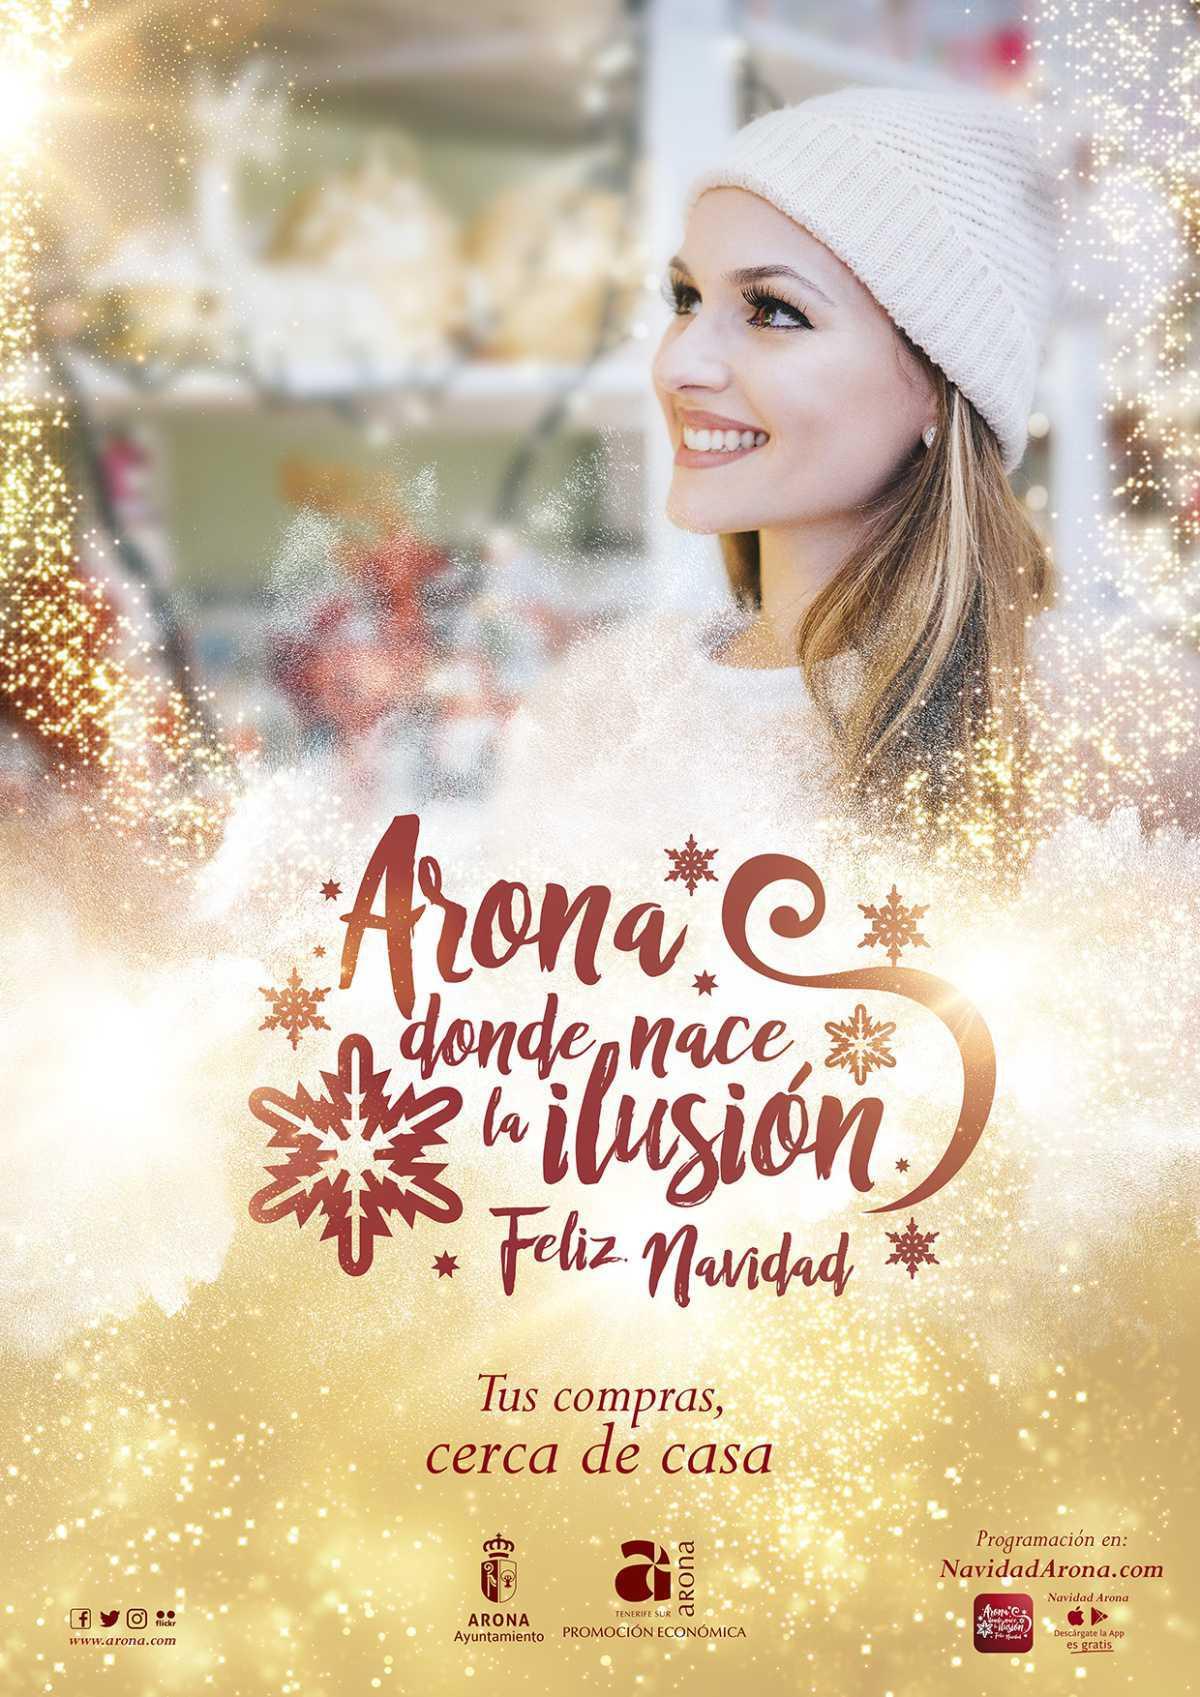 Los comercios de toda Arona se suman a la ilusión navideña con descuentos, regalos y sorteos de viajes para los clientes